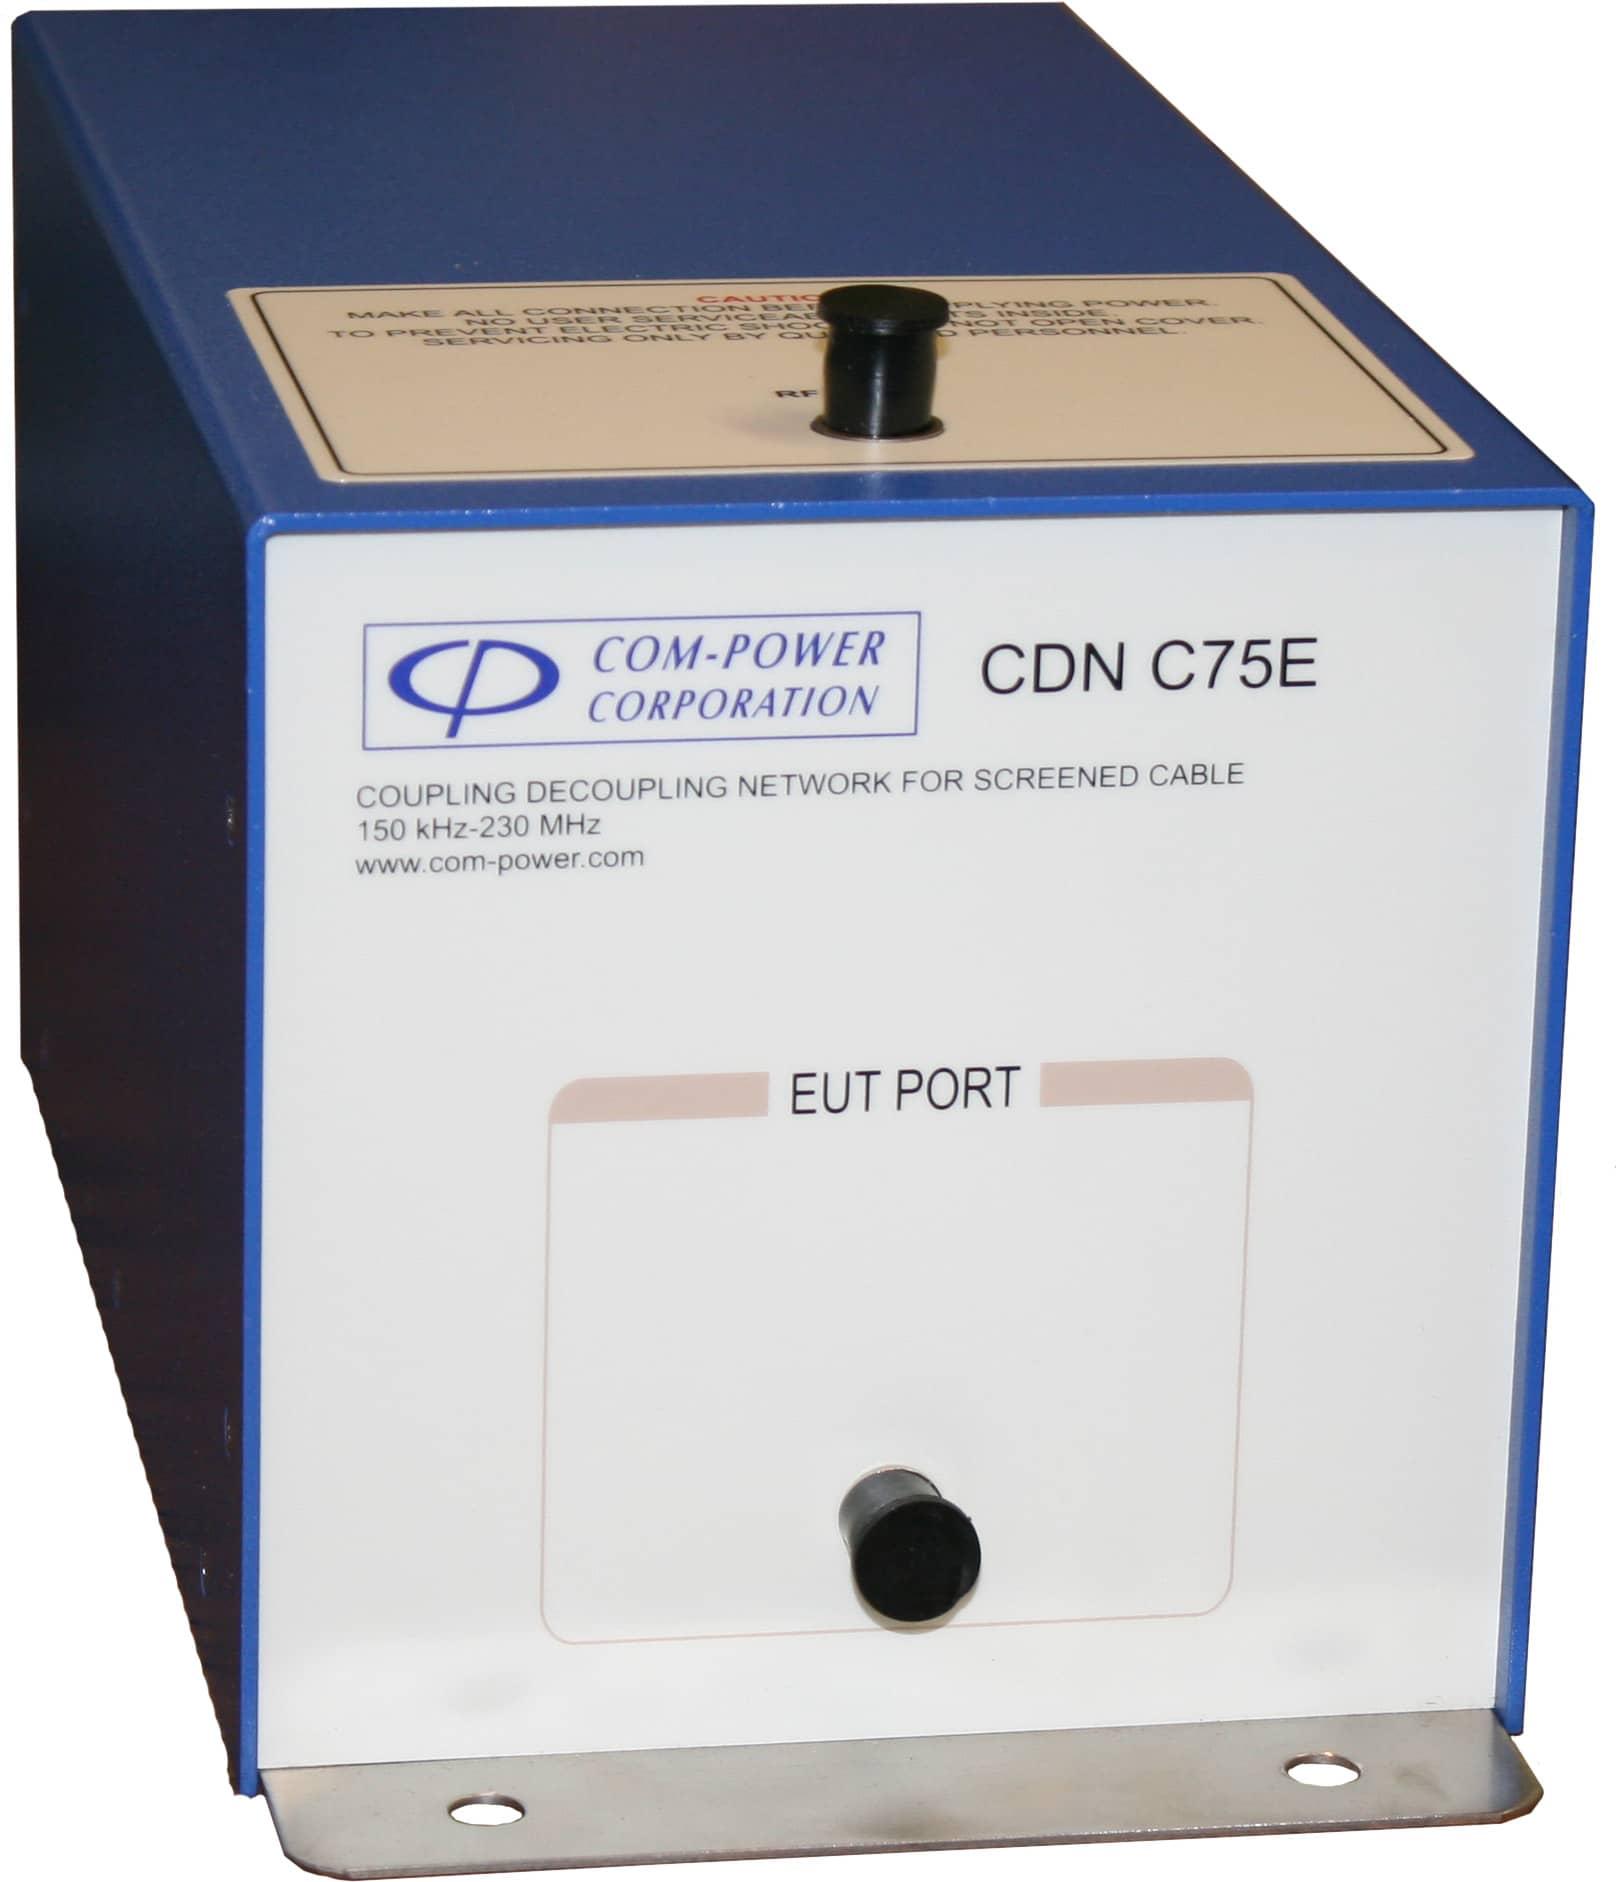 CDN-C75E